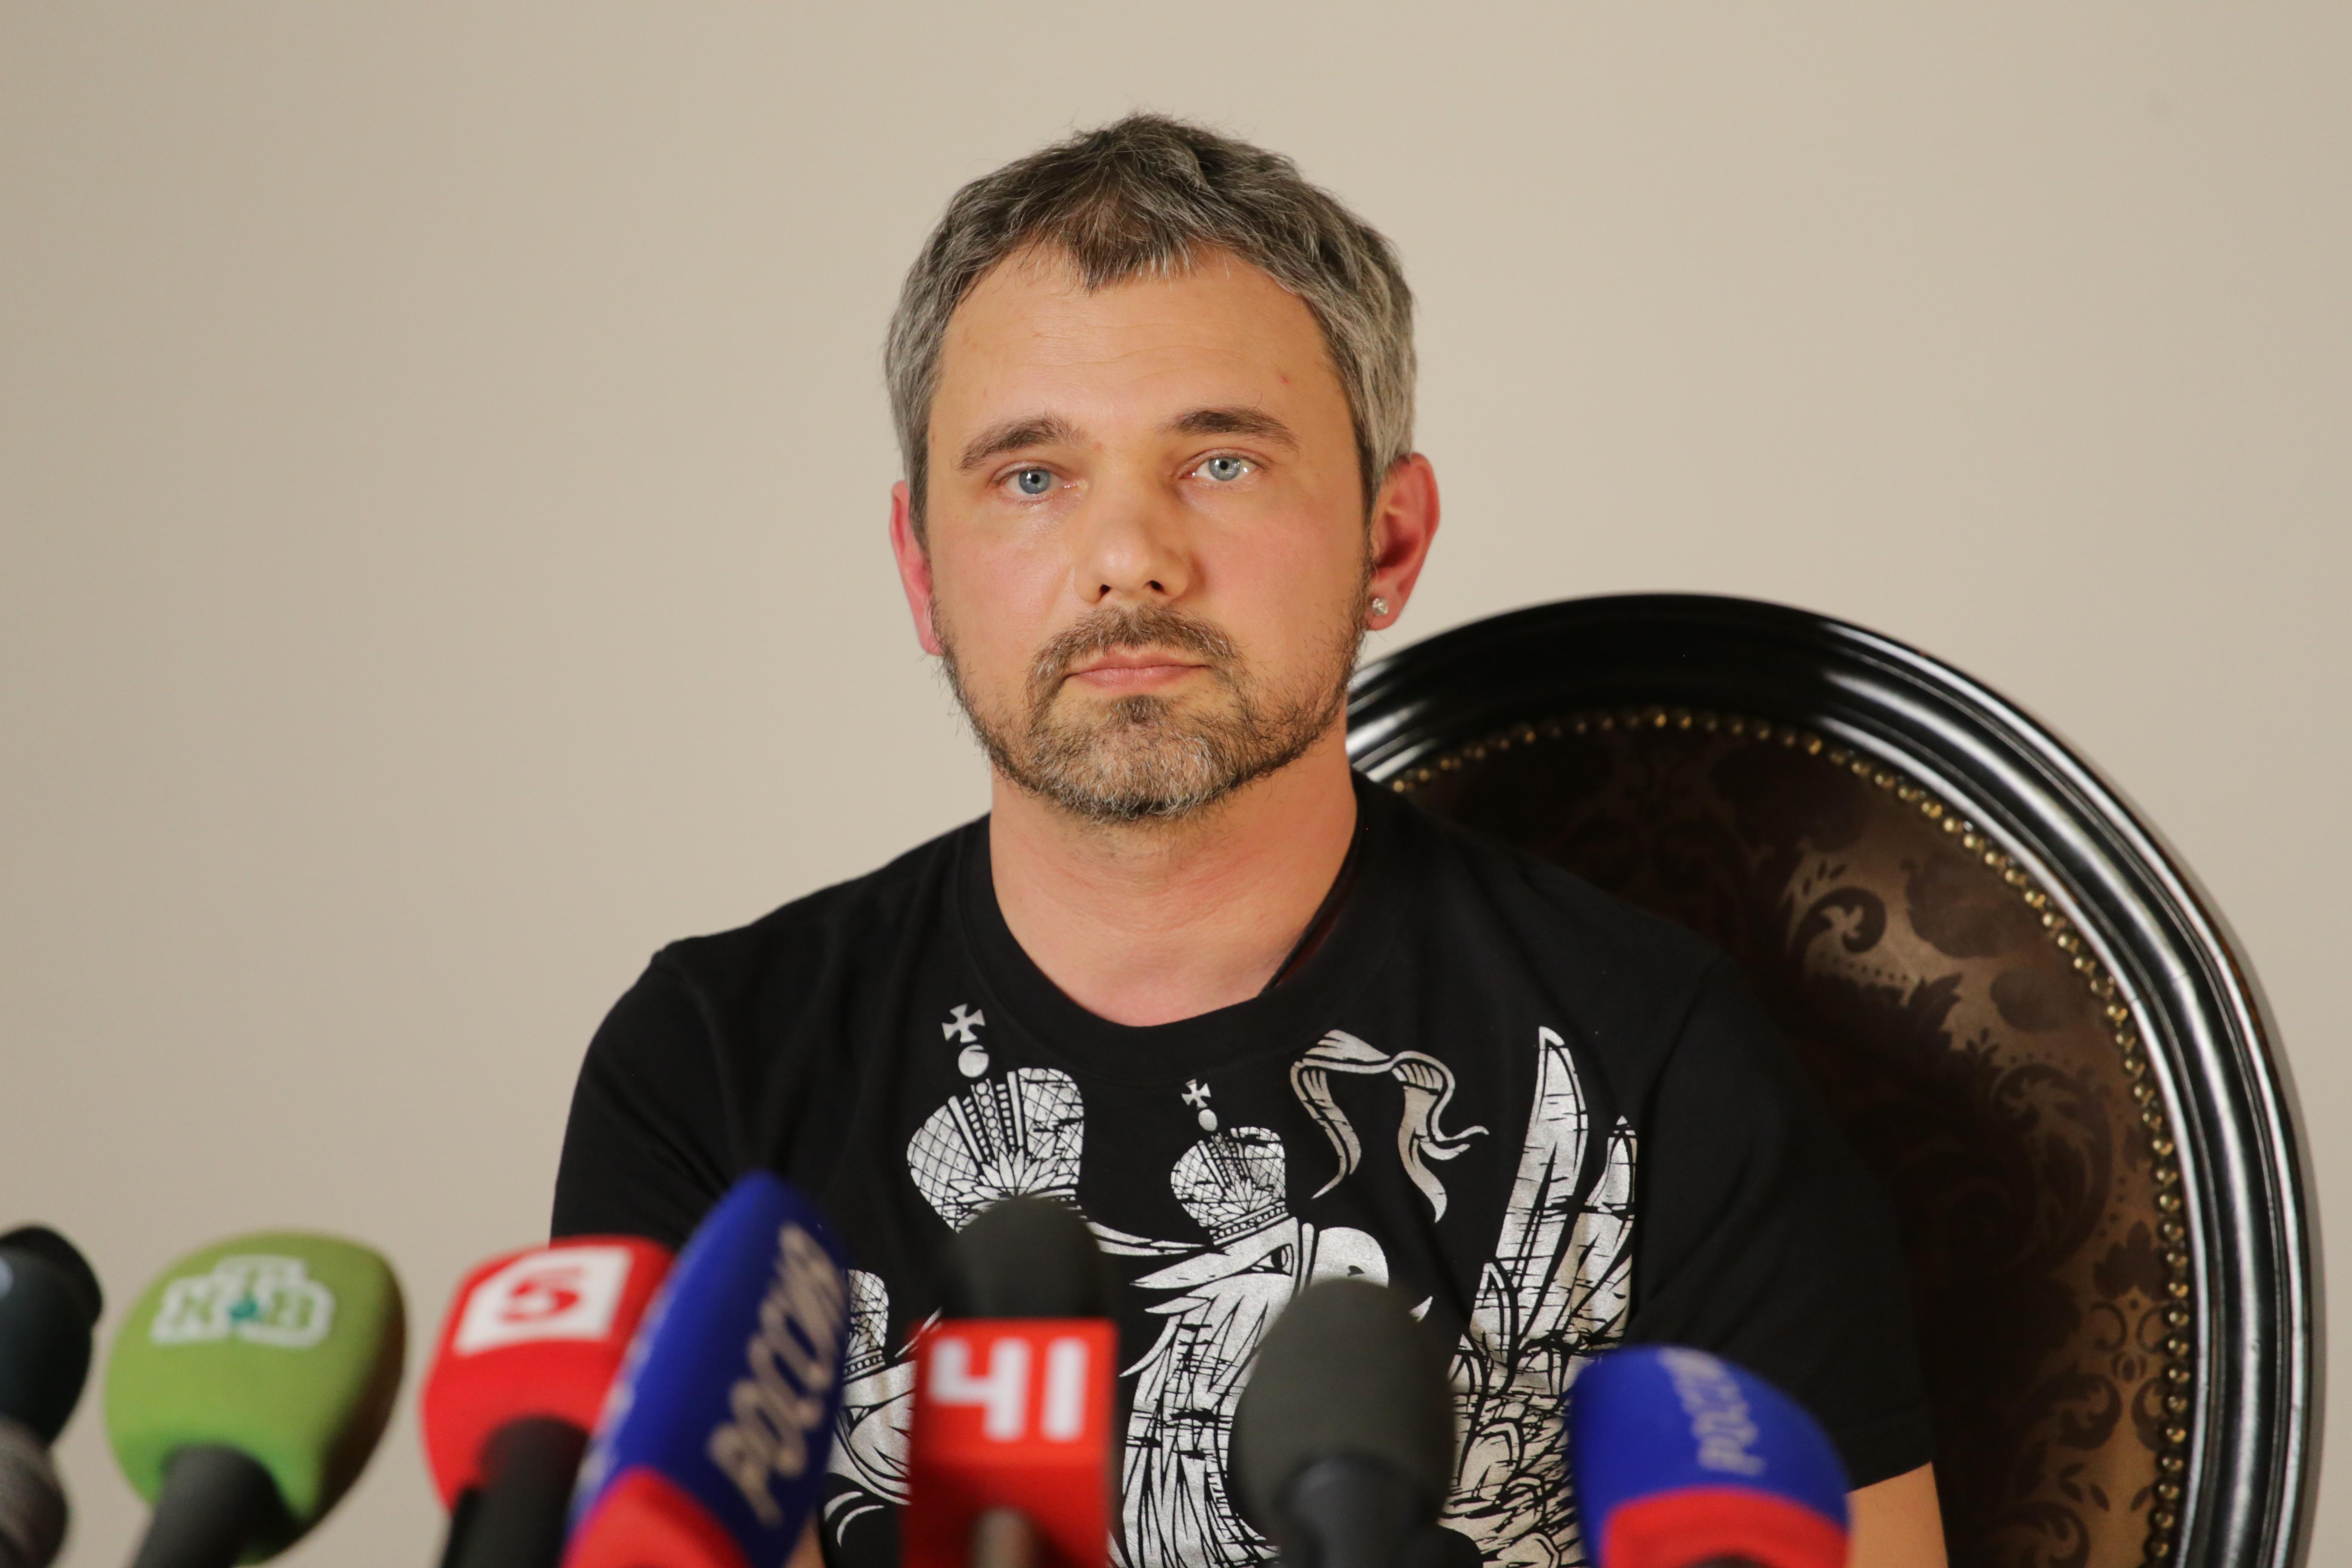 Дмитрий Лошагин: «Меня дешевле убить, чем продолжать всю эту возню»